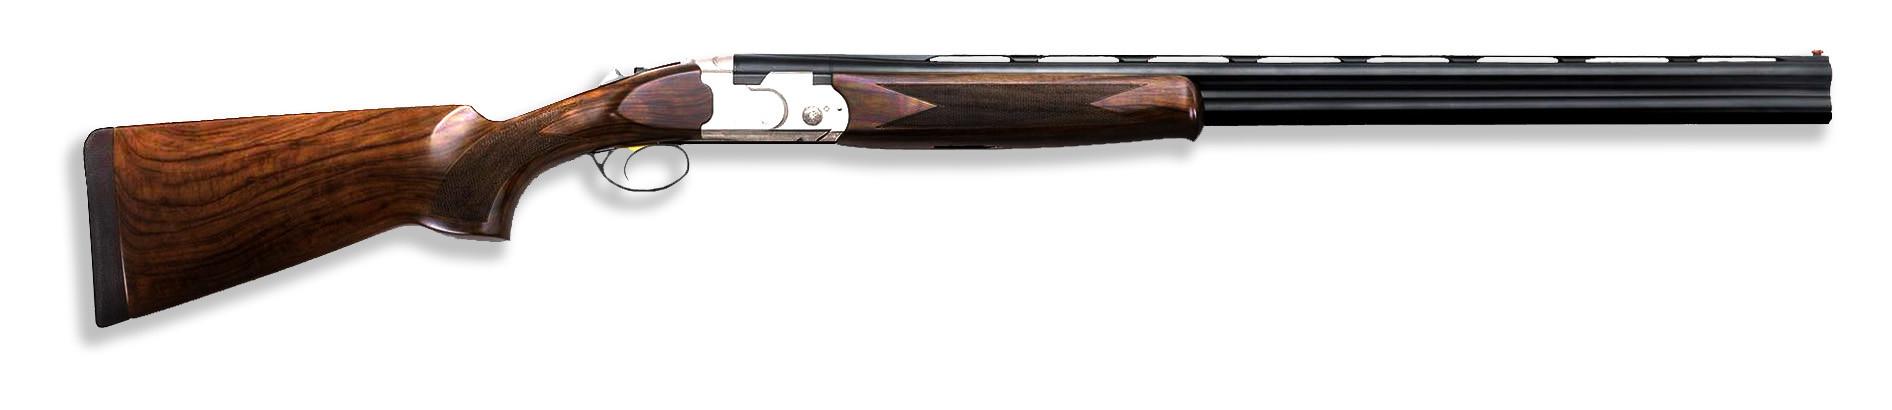 Bockdoppelflinte Beretta 690 BLACK EDITION Waffenstube Thalkirchen München Bayern Deutschland